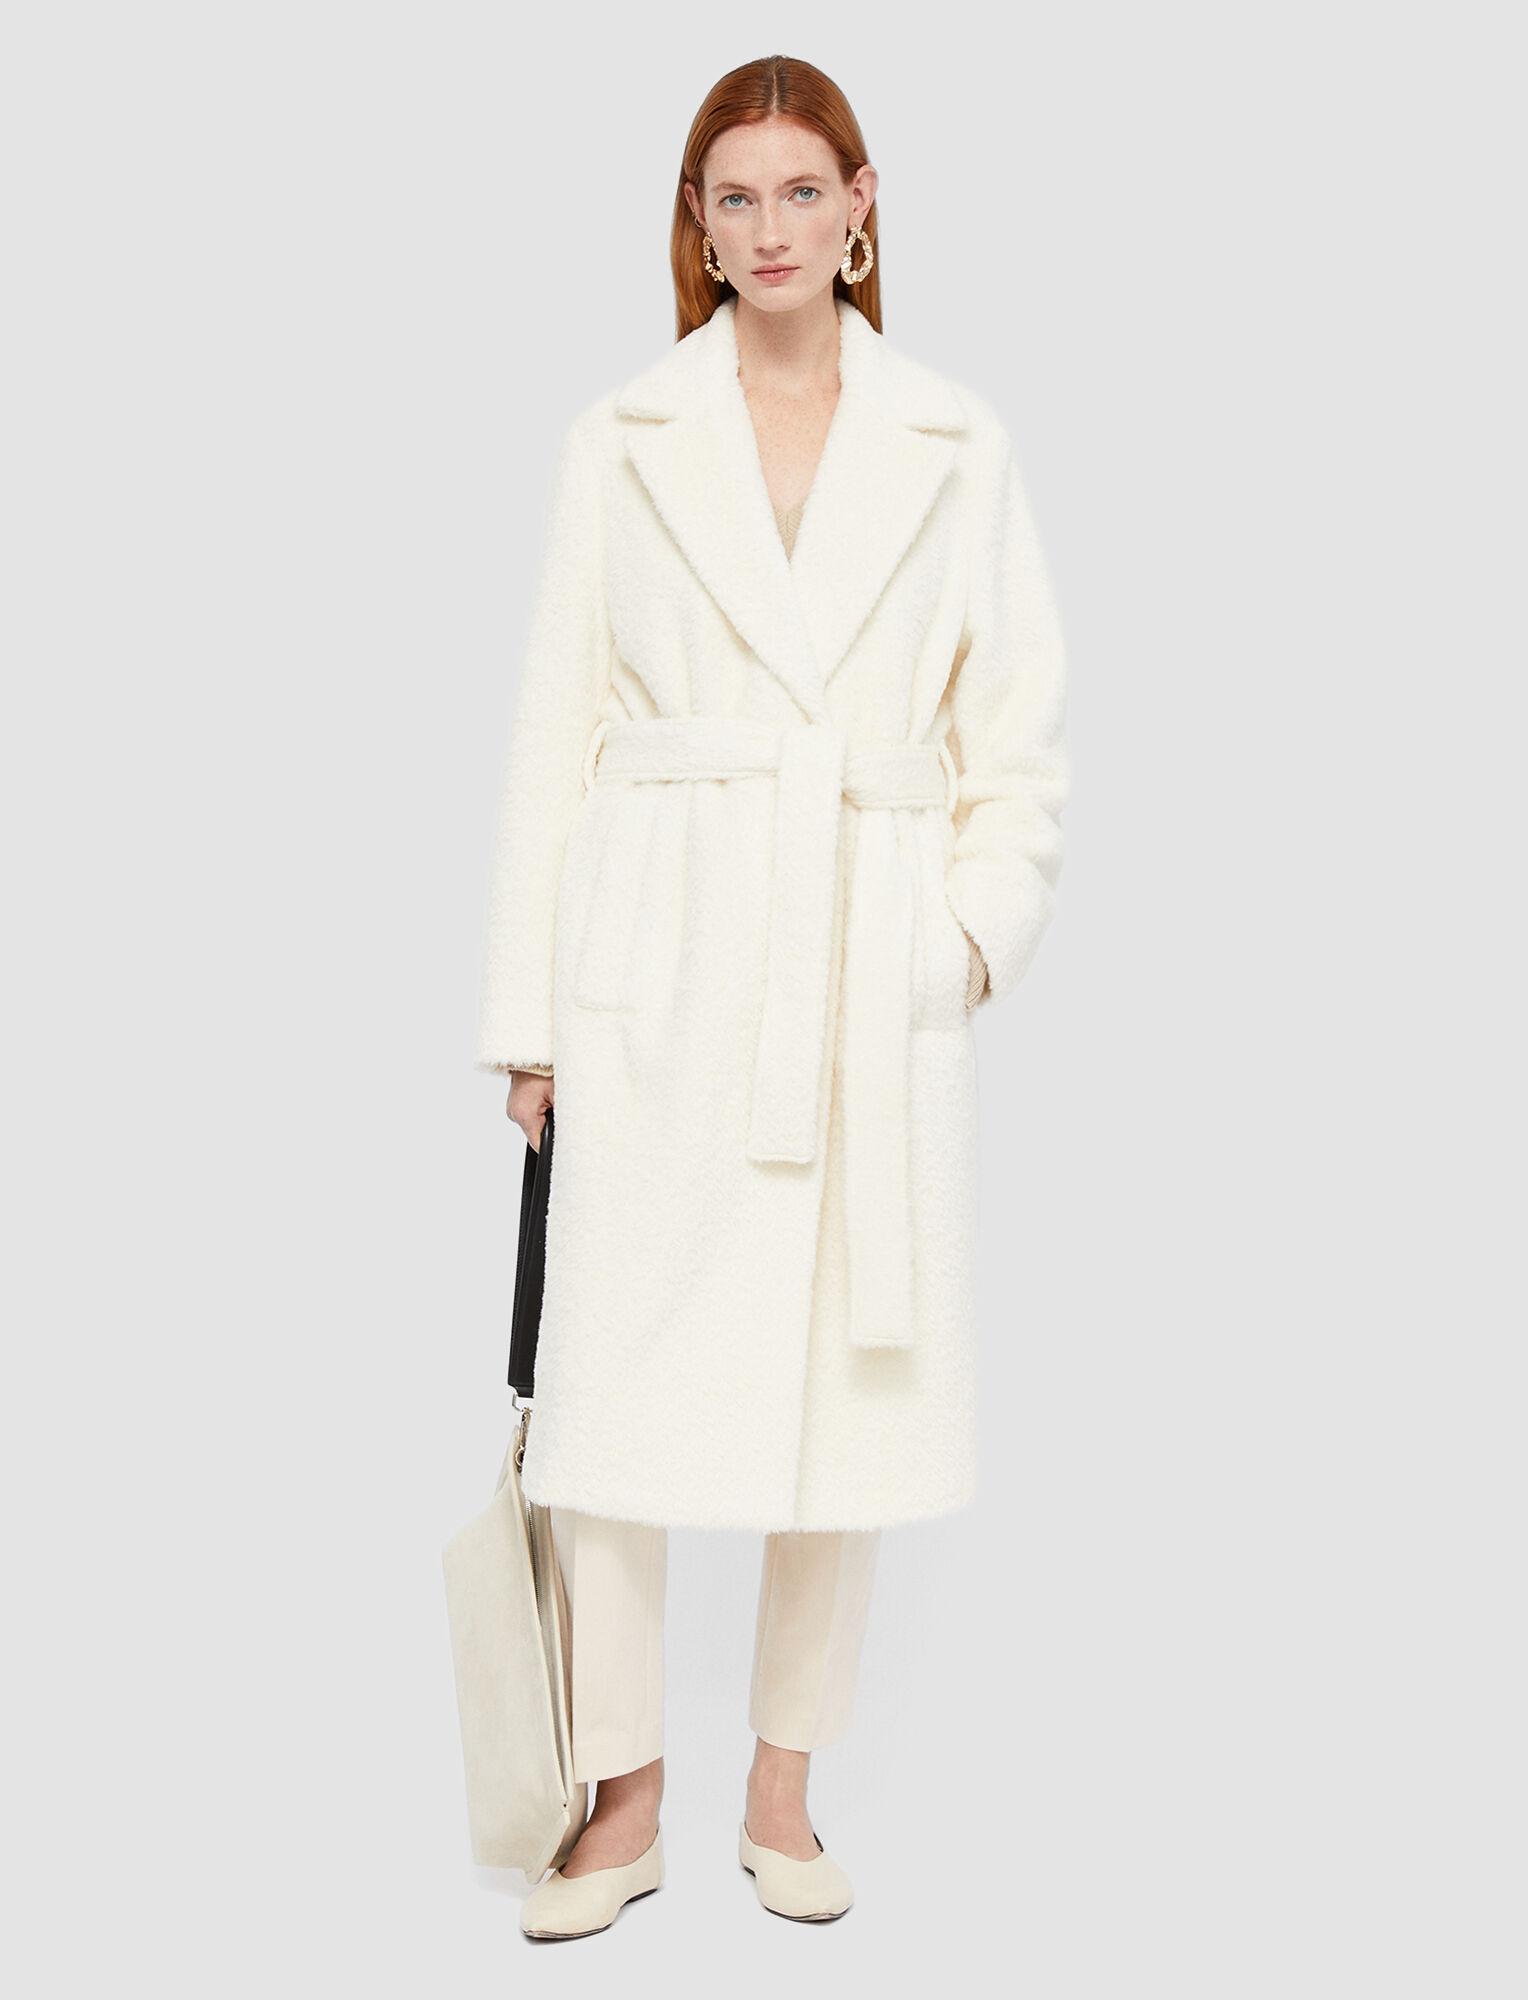 Joseph, Textured Wool Alpaca Cayla Coat, in Ecru